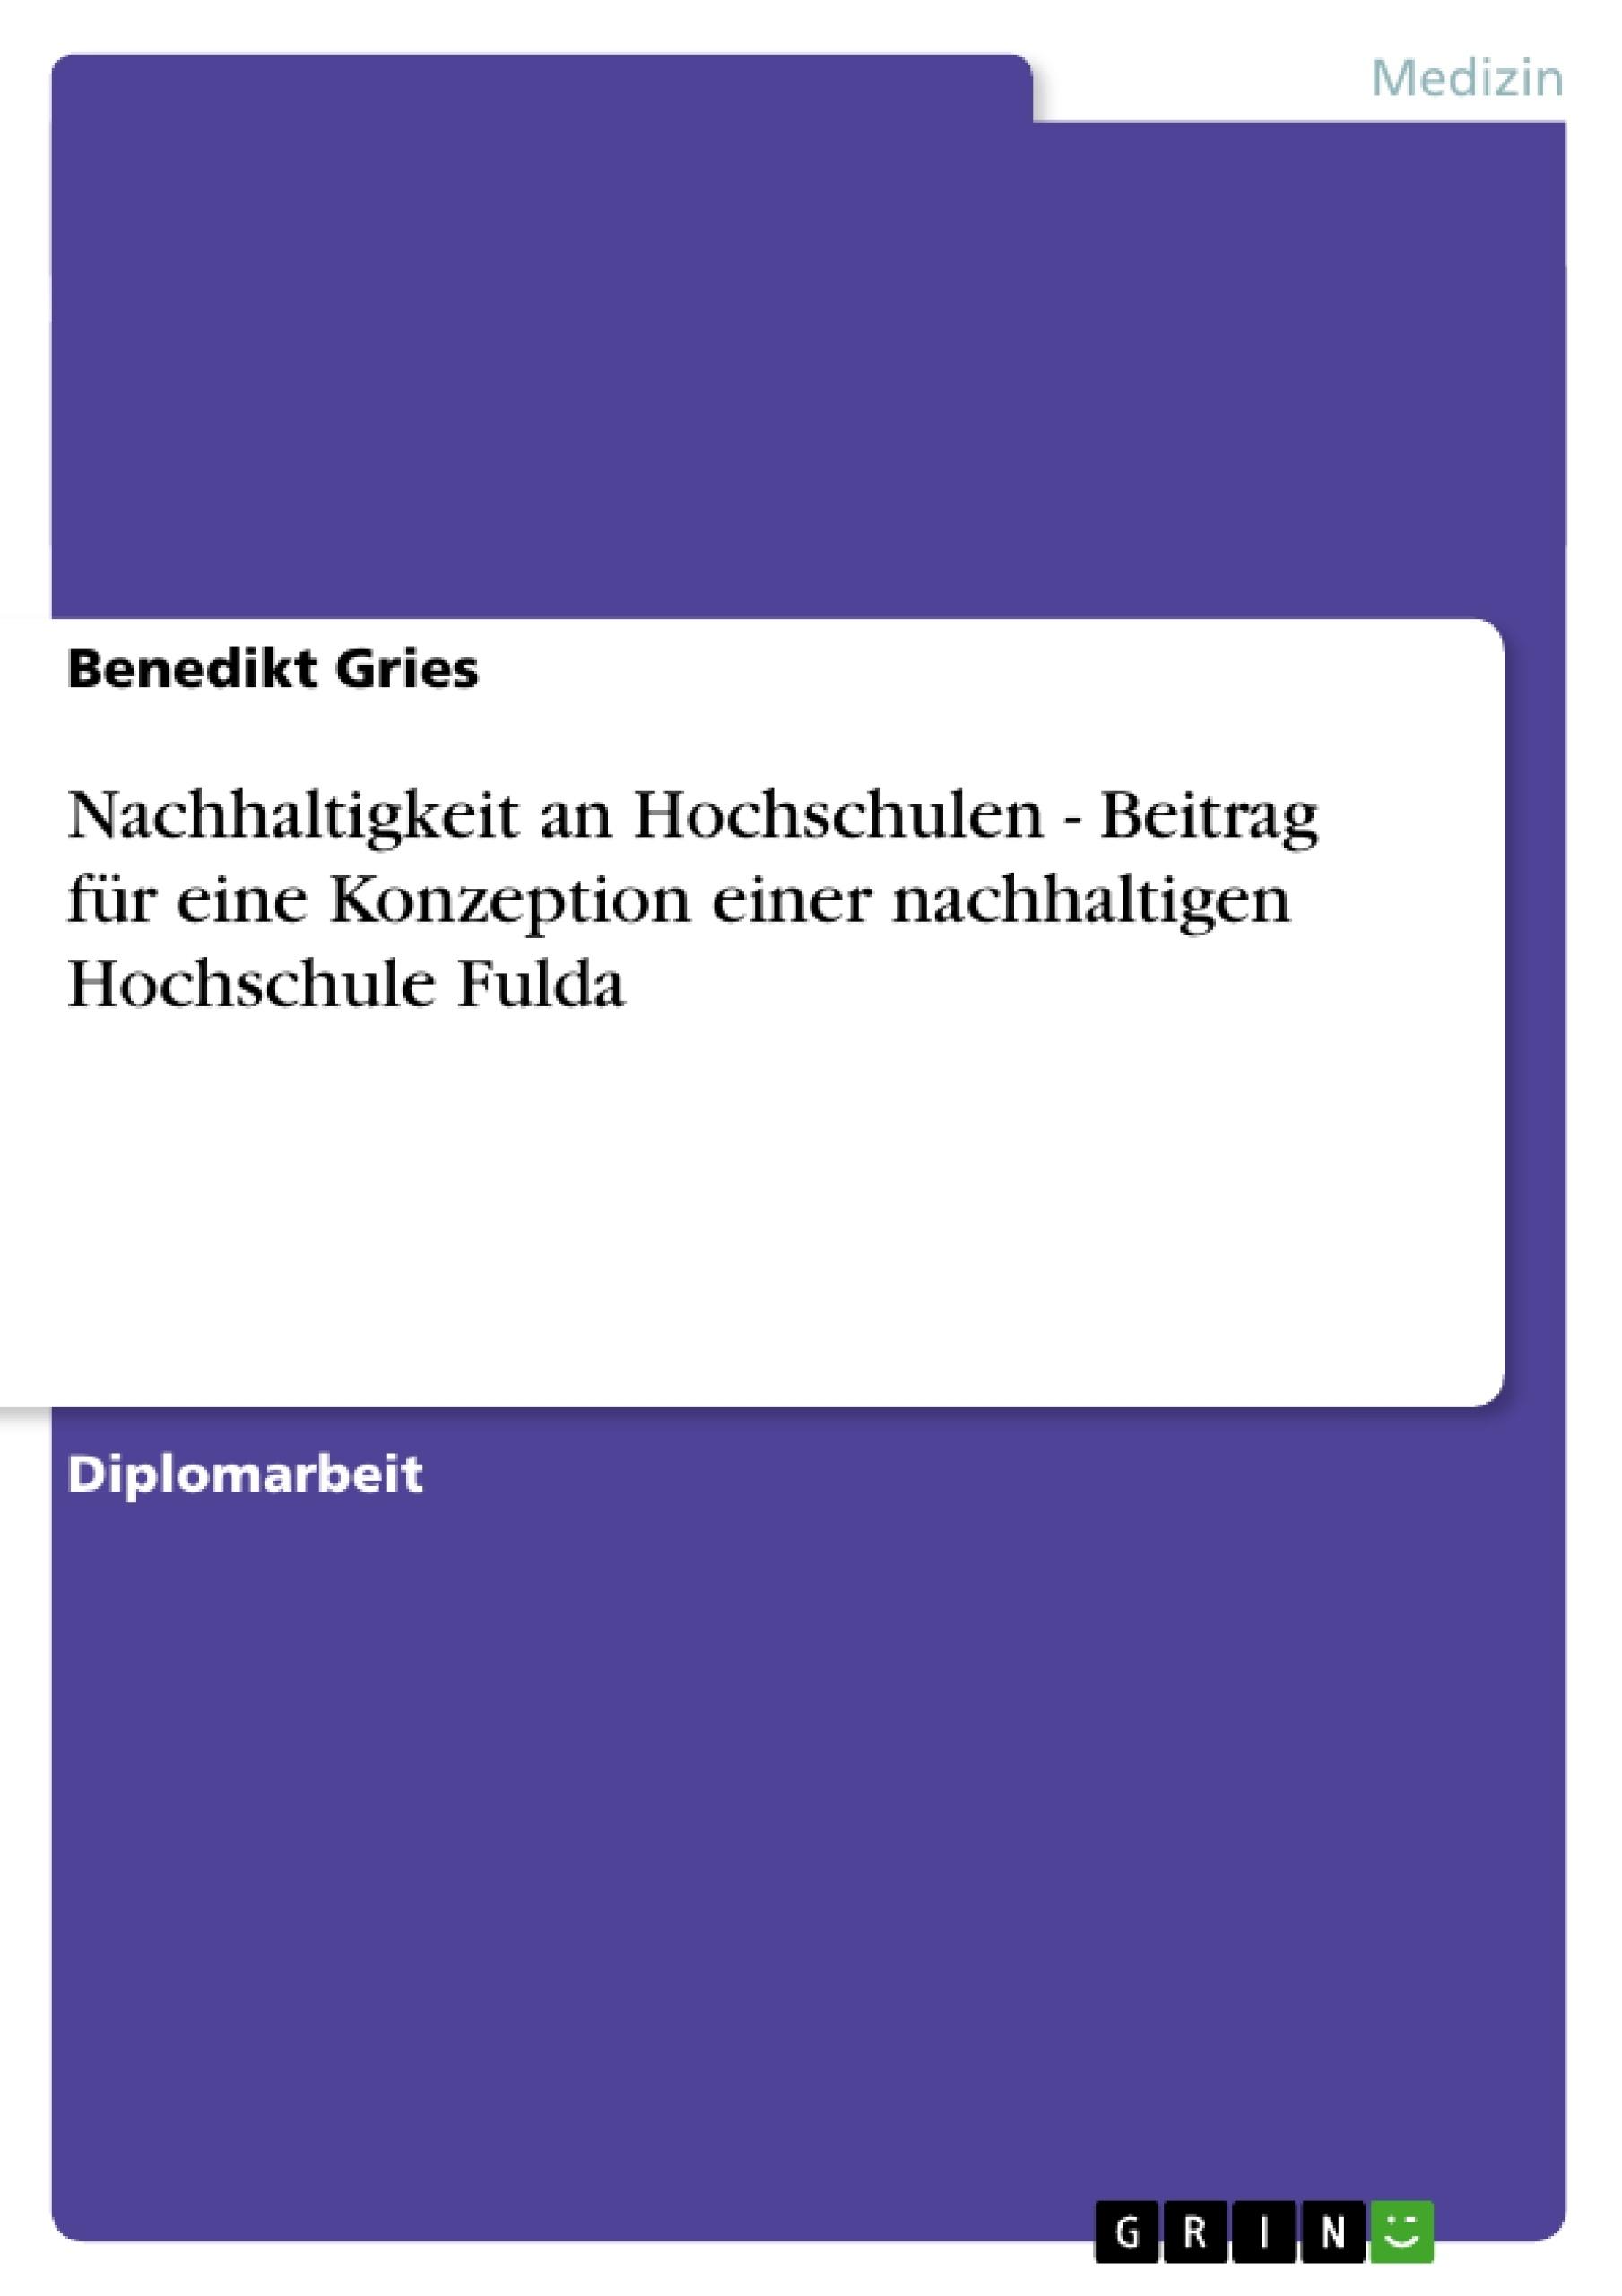 Titel: Nachhaltigkeit an Hochschulen - Beitrag für eine Konzeption einer nachhaltigen Hochschule Fulda